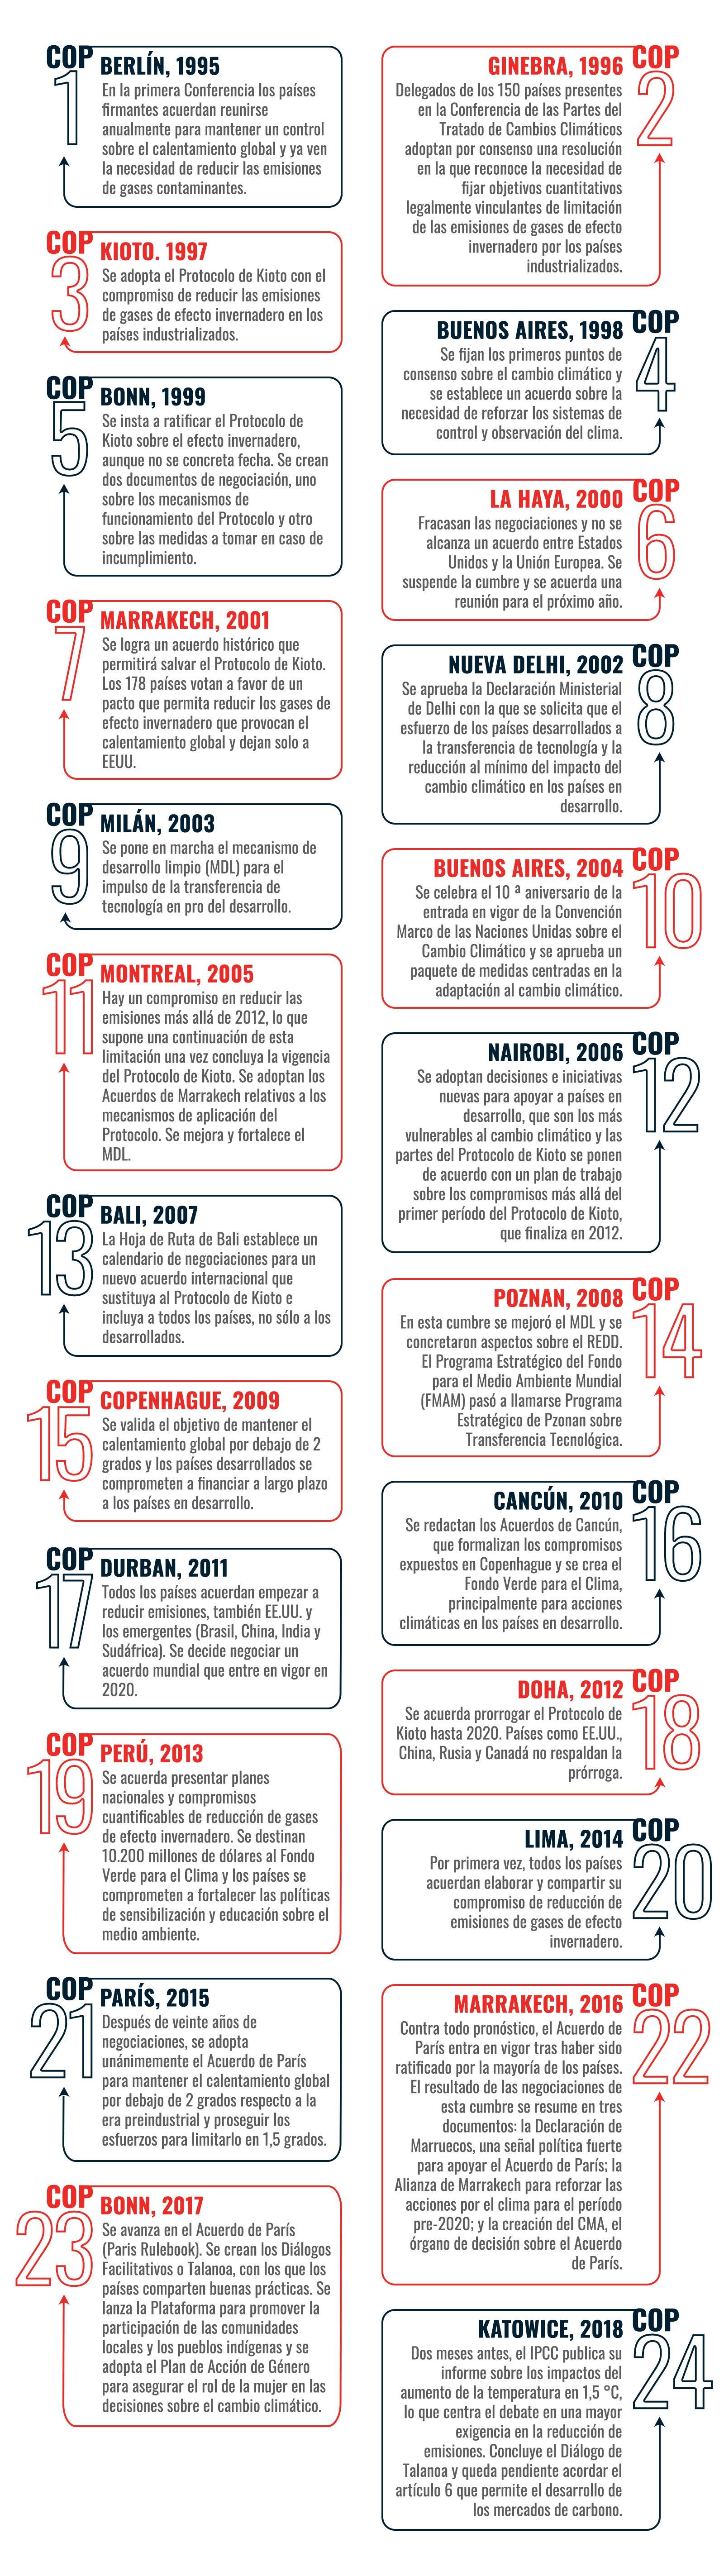 Infografía Cumbres del clima